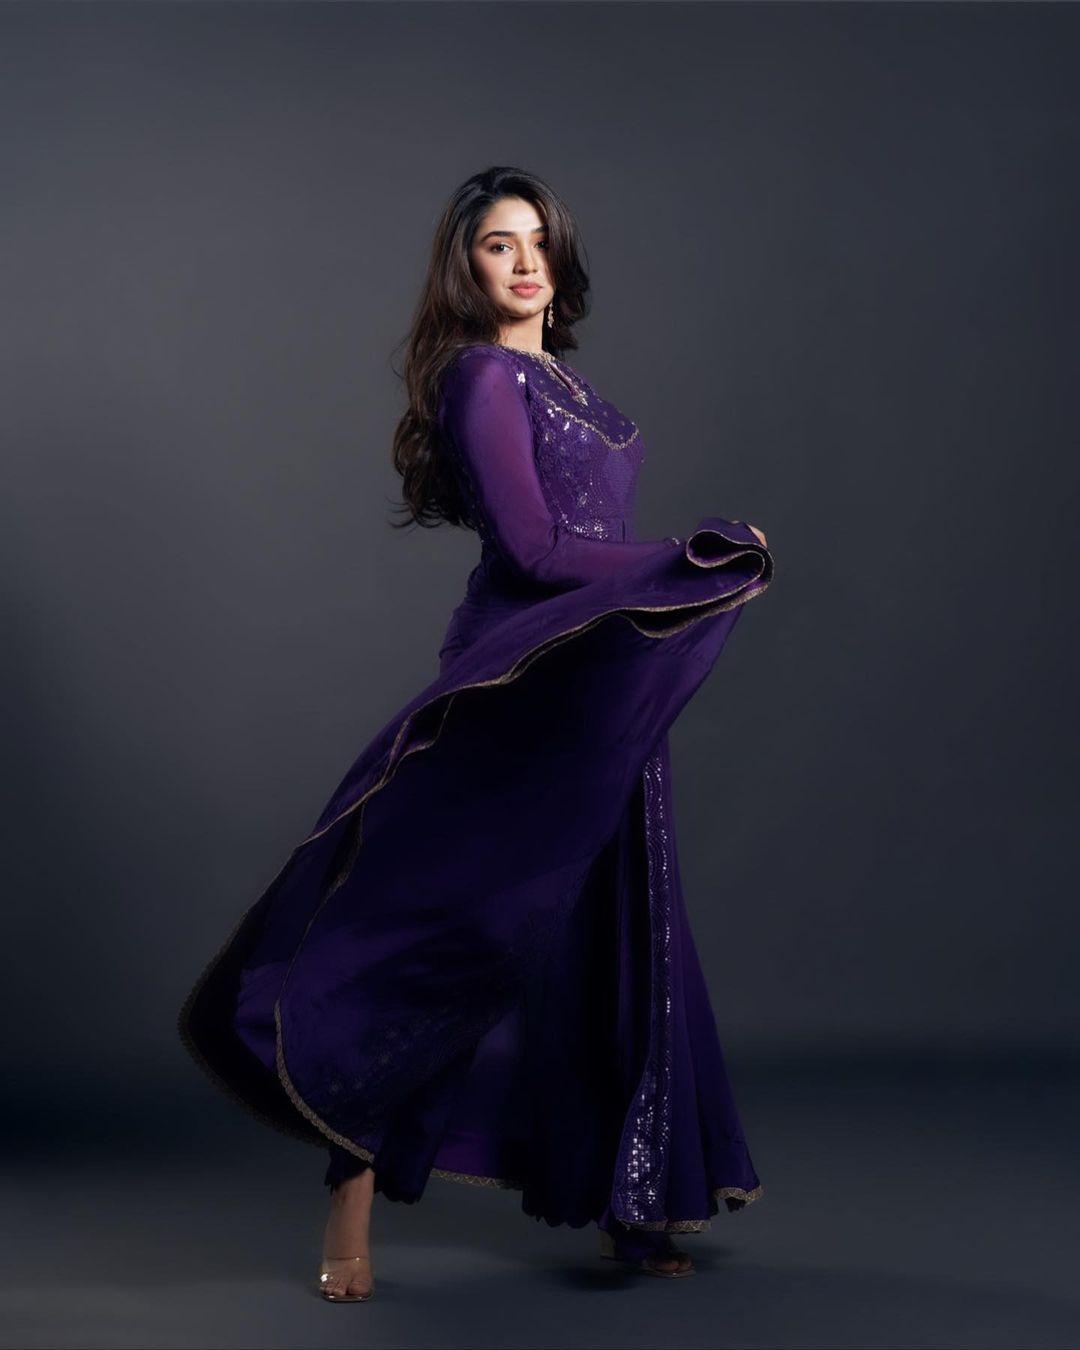 Krithi Shetty in purple anarkali by issa studio